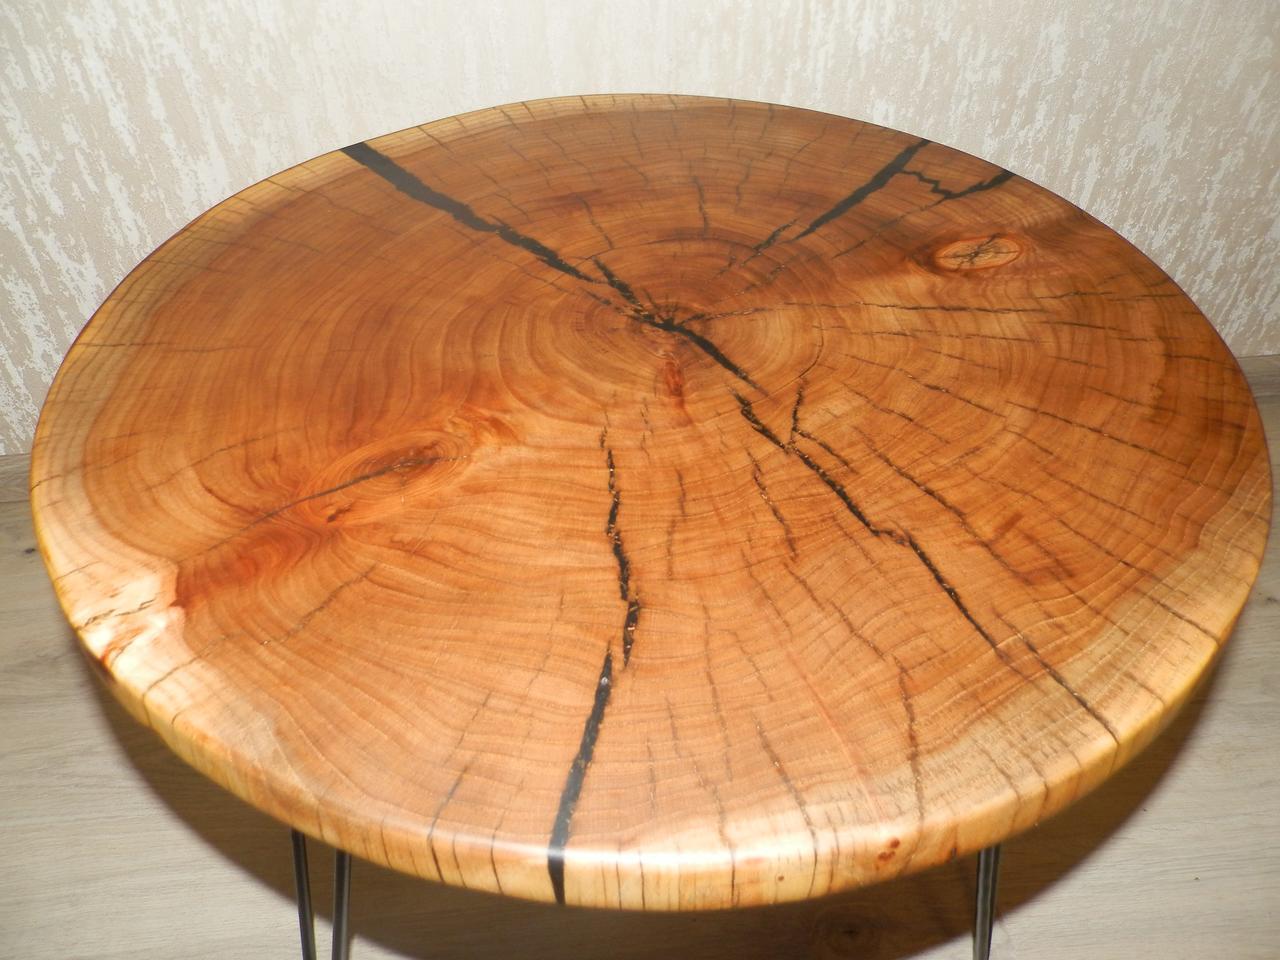 Журнальный столик круглый из натурального дерева Ясен 48*53 см. Кофейный столик для гостиной. Столик лофт